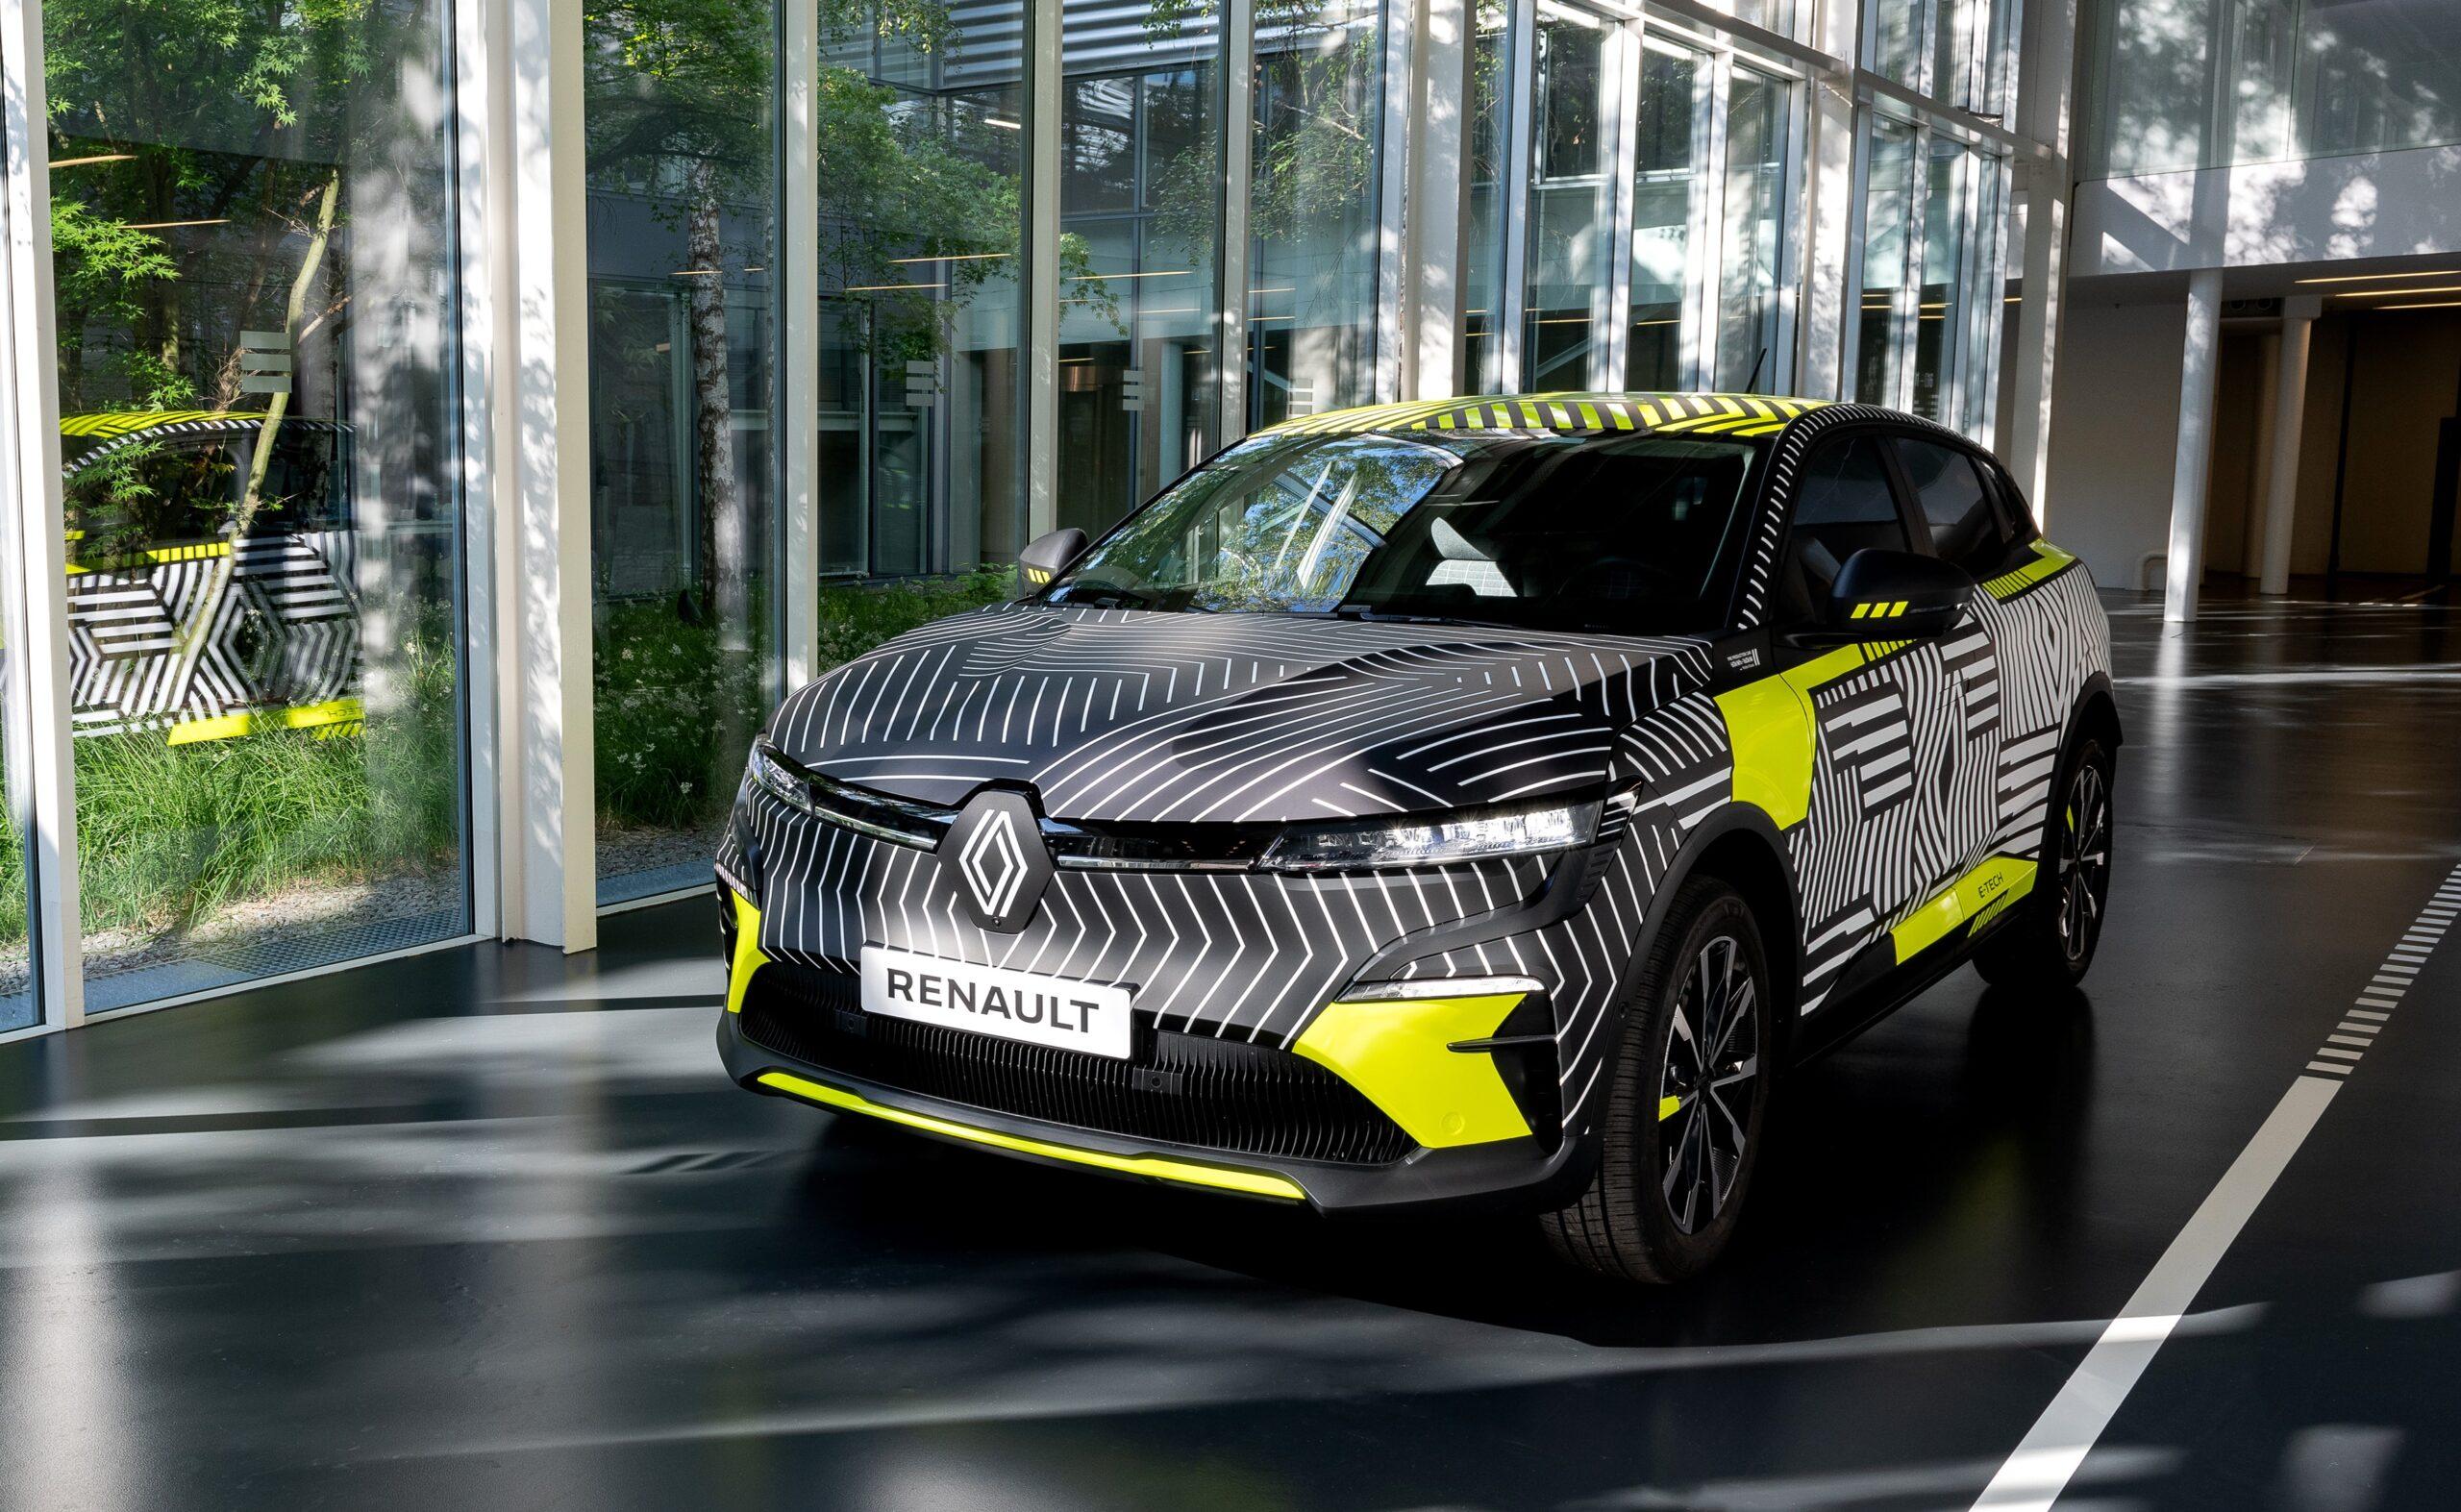 Nuove informazioni sulla Nuova Renault Megane E-Tech Electric.